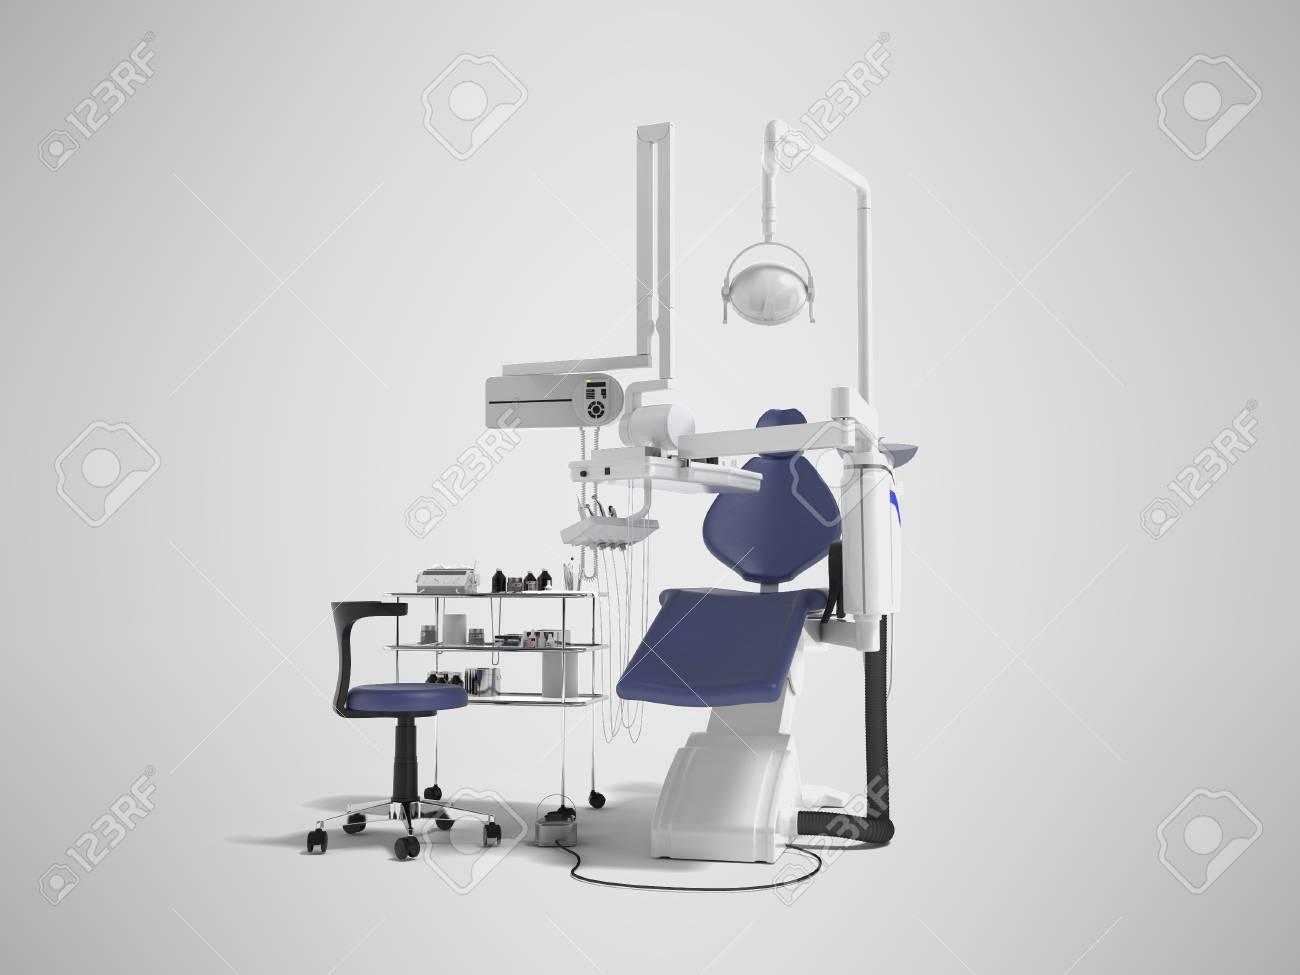 Dc800 dental chair repair manual buy dental chair repair manual.